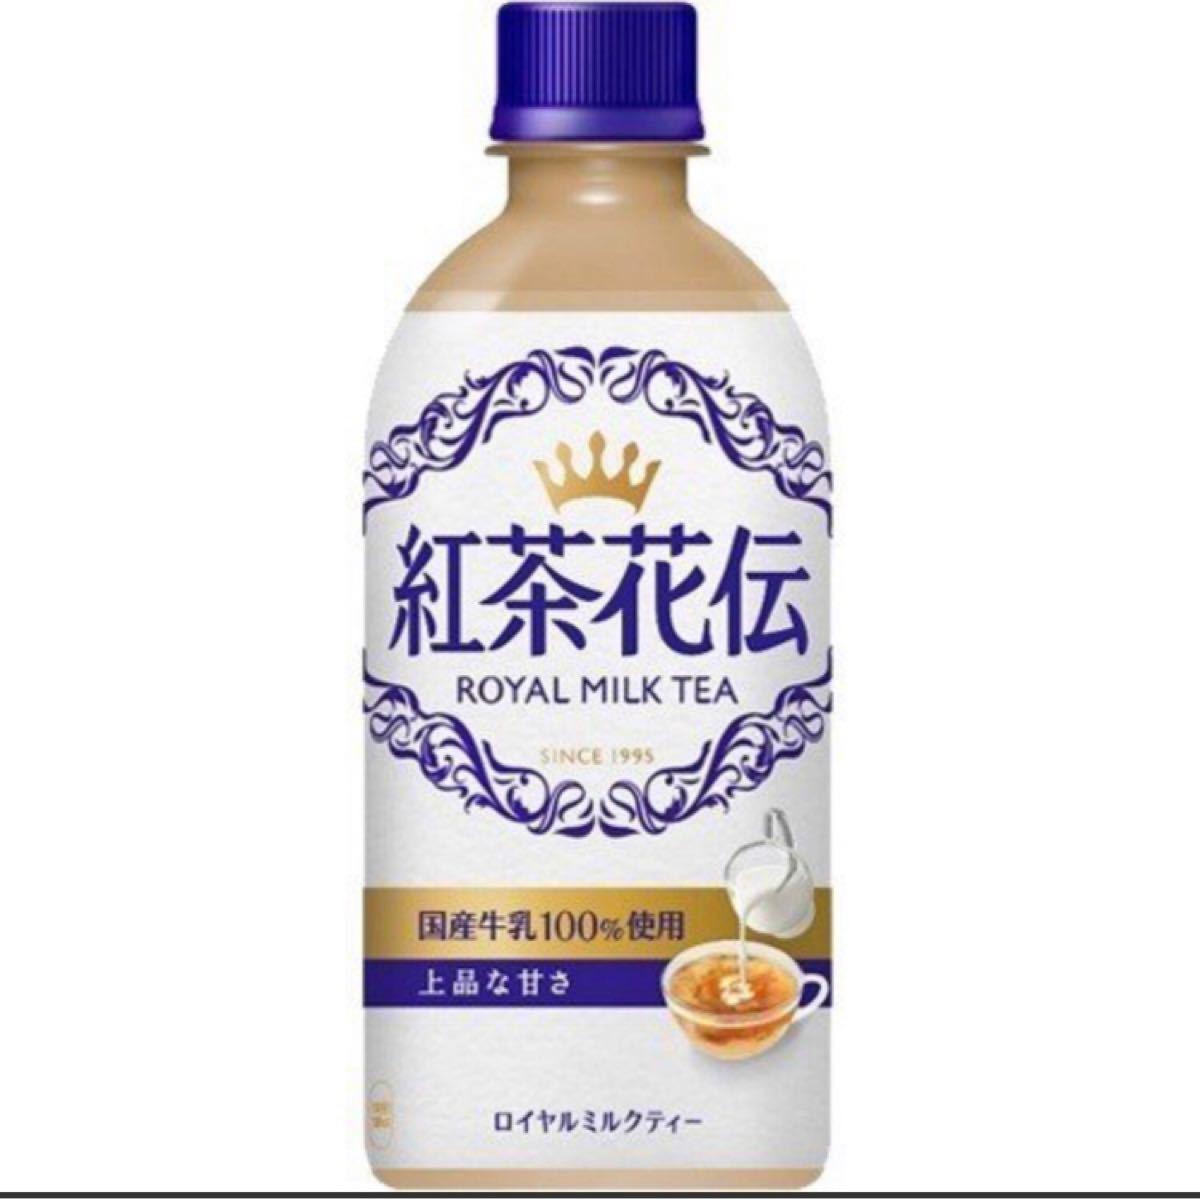 ☆紅茶花伝 ロイヤルミルクティー☆